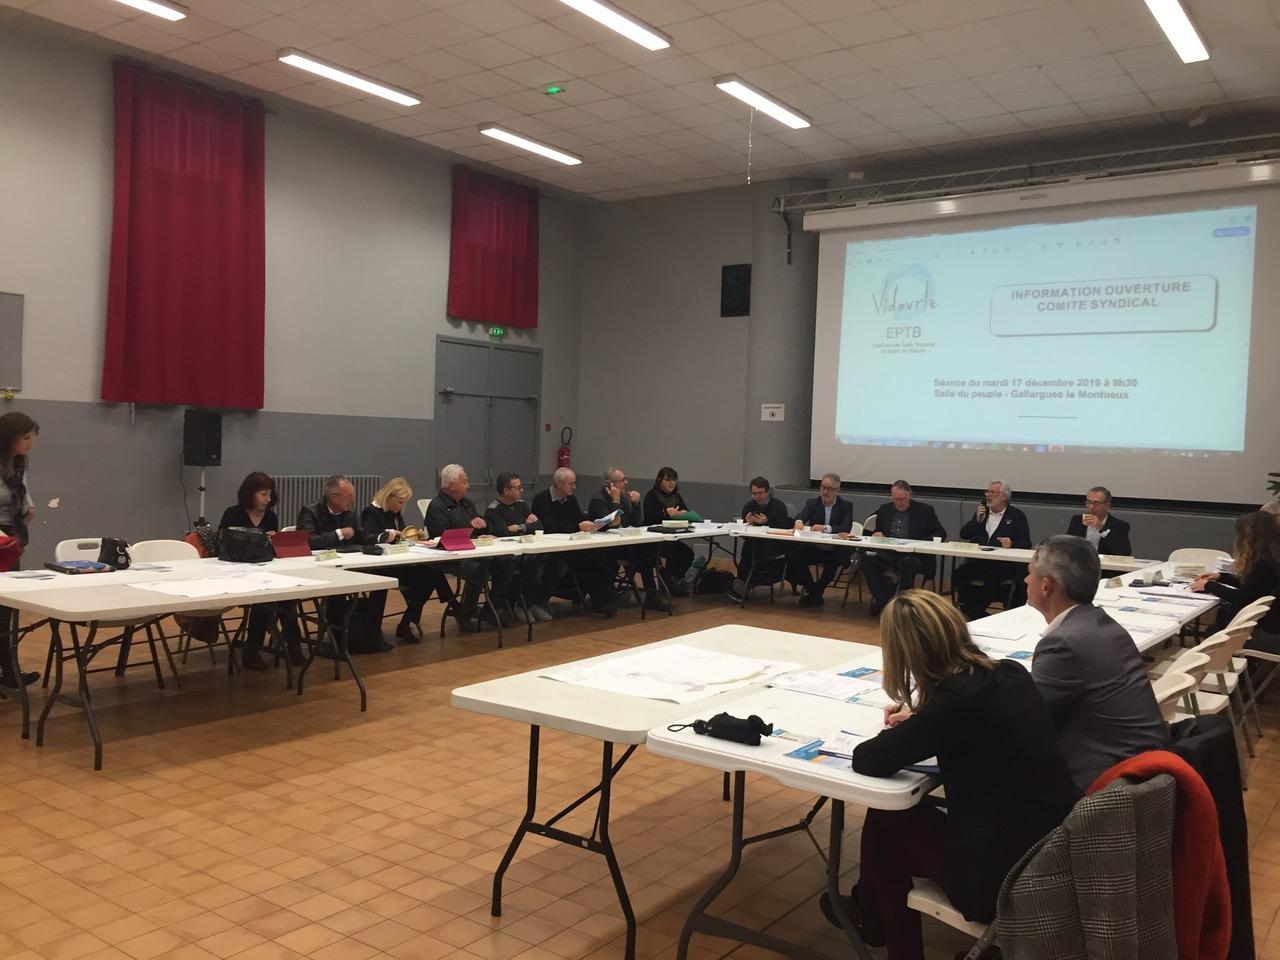 Condensé des délibérations prises lors du comité syndical du 17 décembre 2019 – 9h30 – Gallargues le montueux